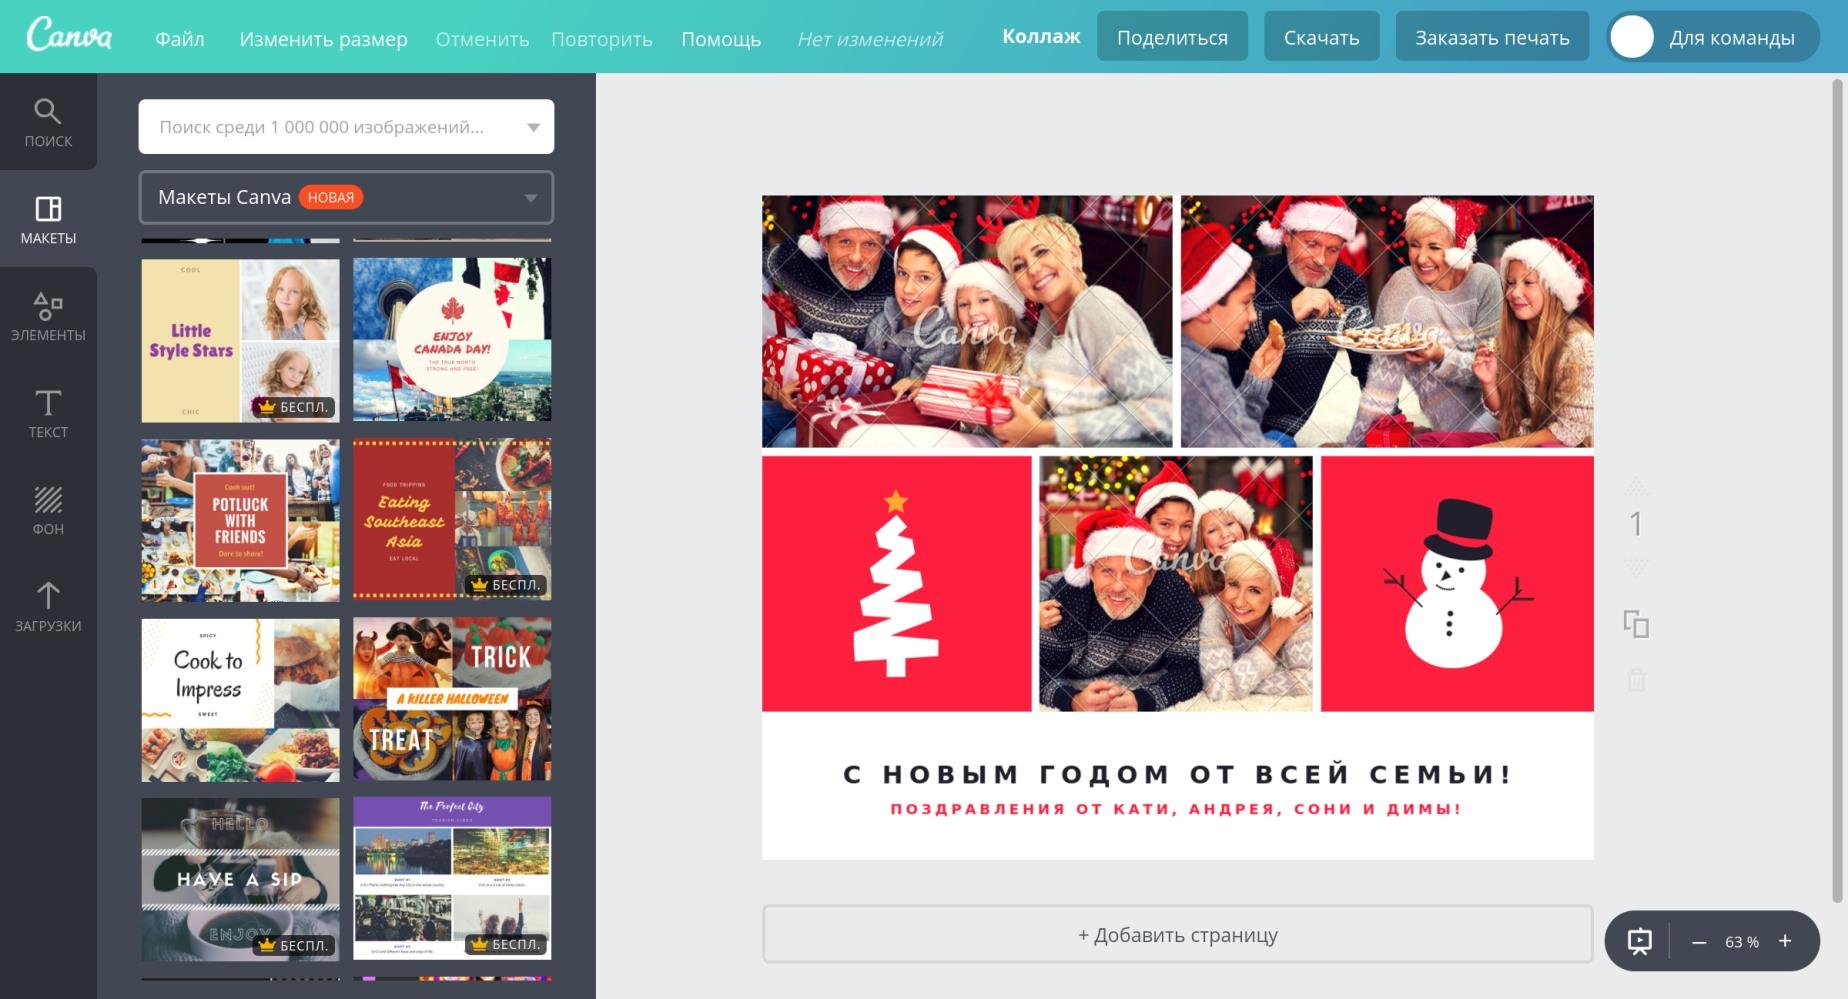 фотоколлаж онлайн бесплатно на русском языке